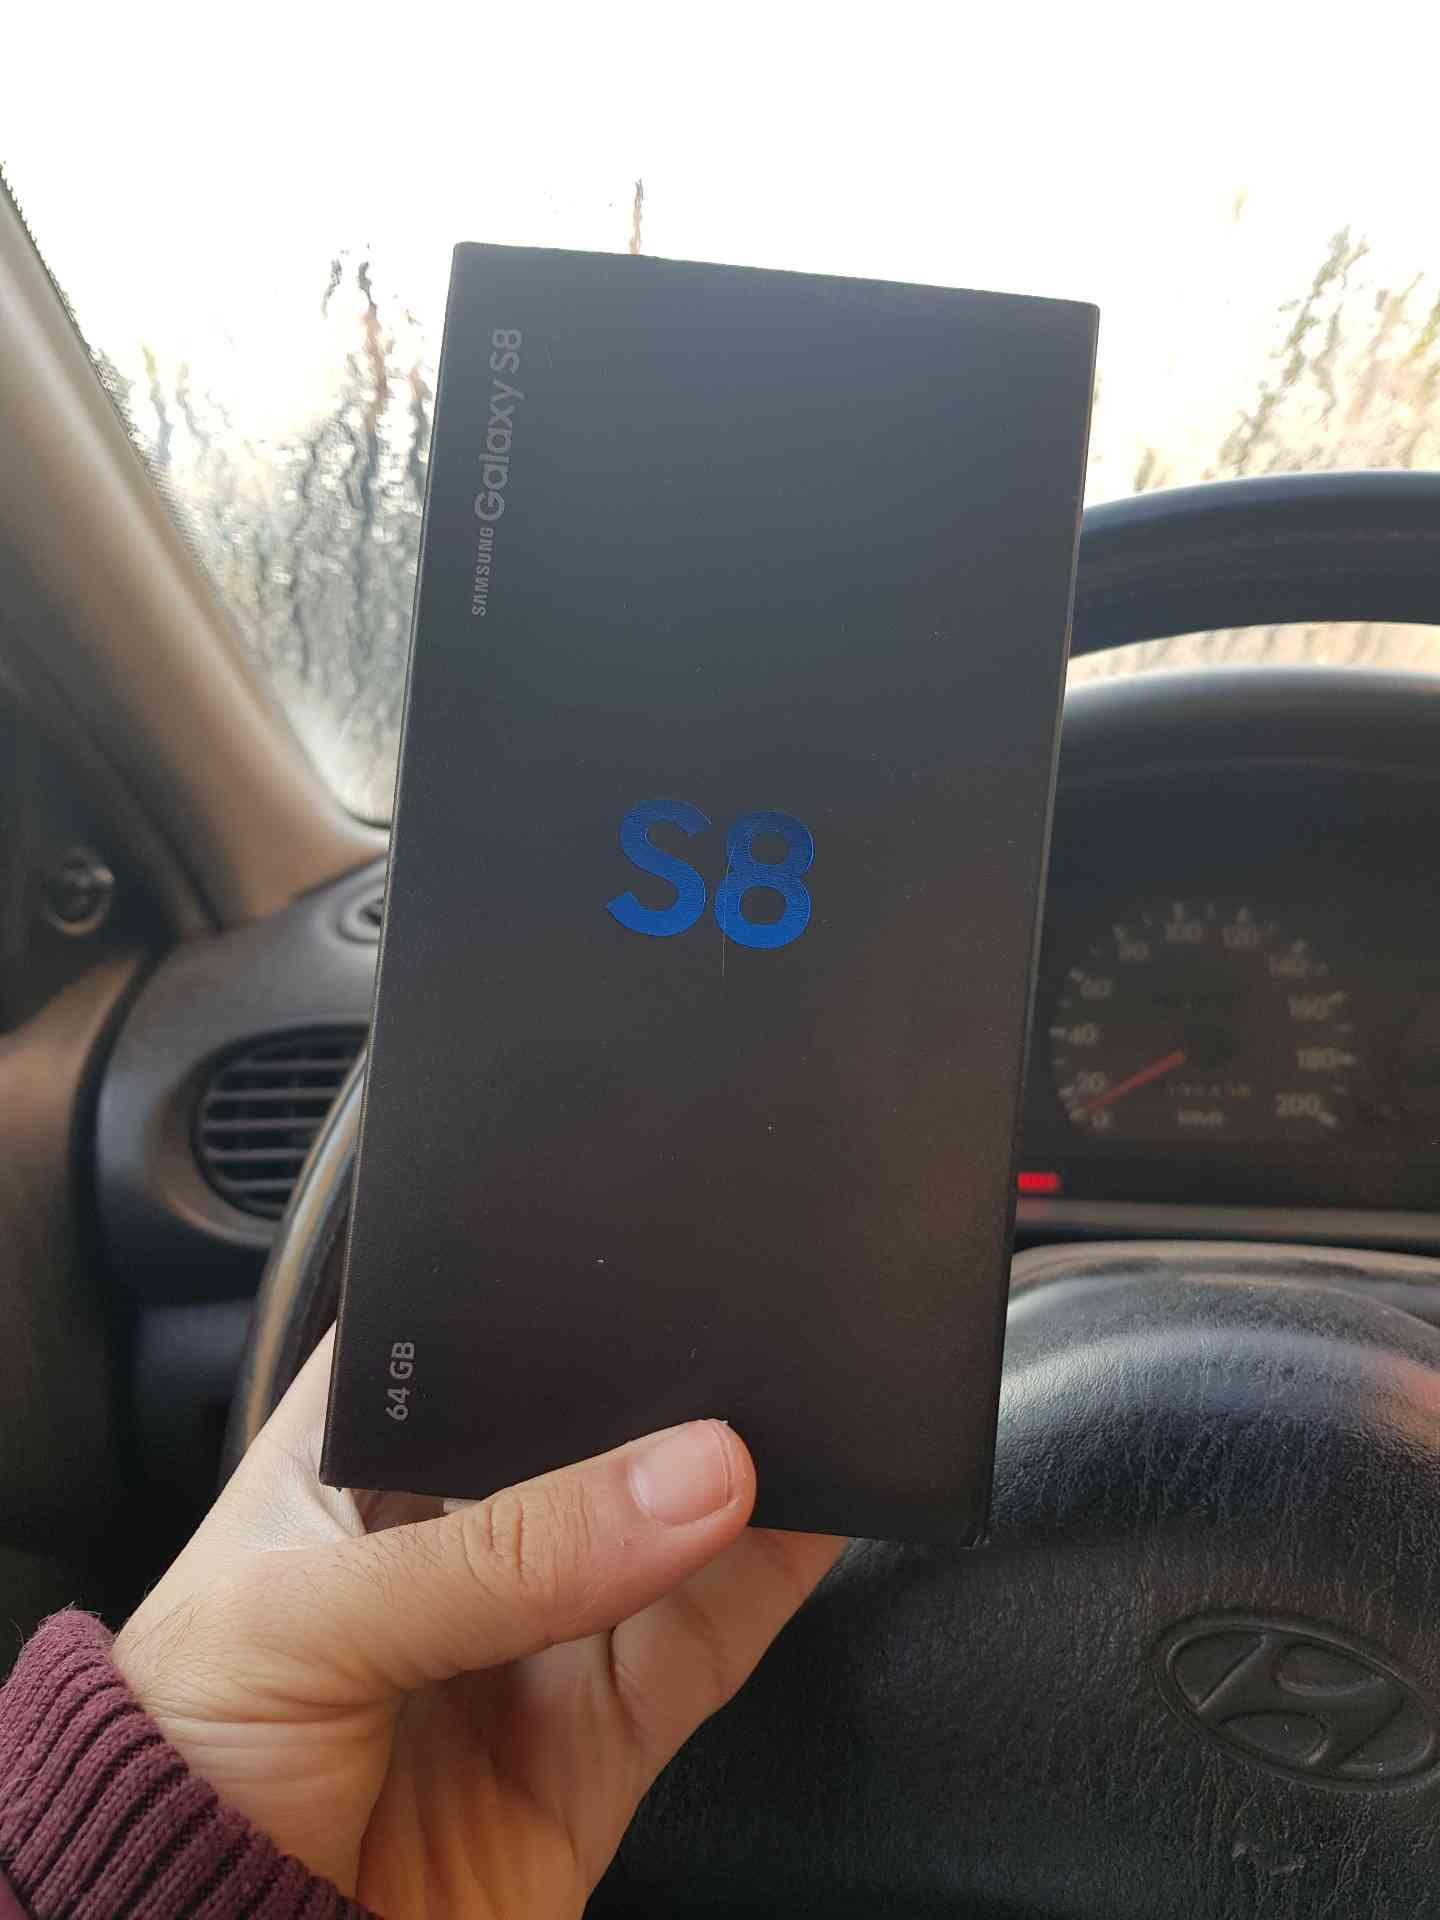 Sony Xz2 سوني xz2 مستعمل بحالة جديد-  samsung s8 64gb for sale...